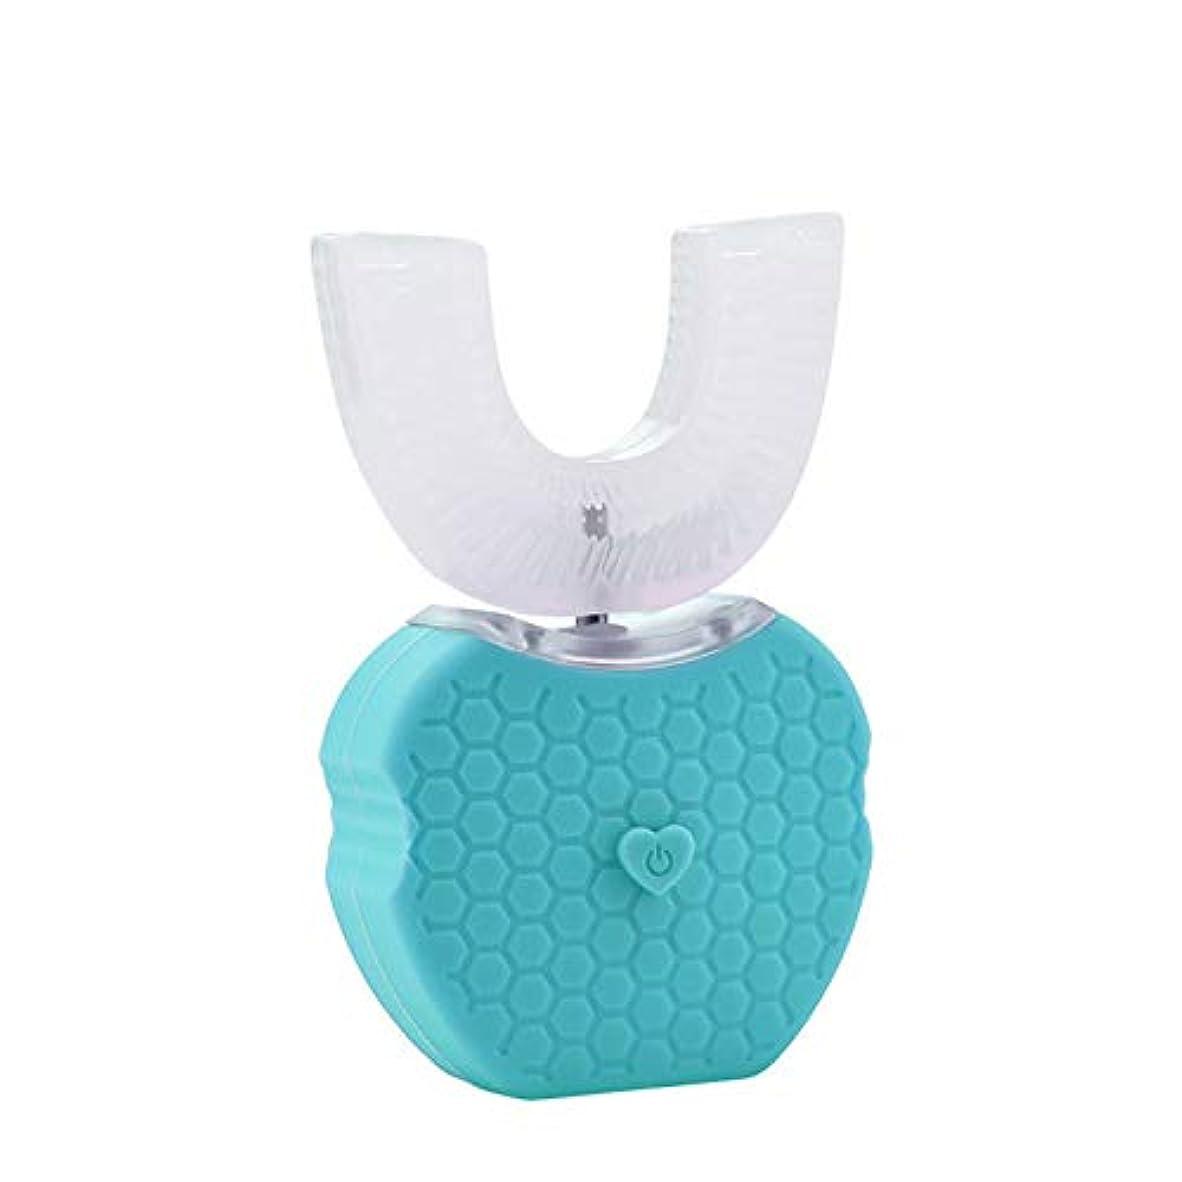 締め切り意外アーサーコナンドイルフルオートマチック可変周波数電動歯ブラシ、自動360度U字型電動歯ブラシ、ワイヤレス充電IPX7防水自動歯ブラシ(大人用),Blue